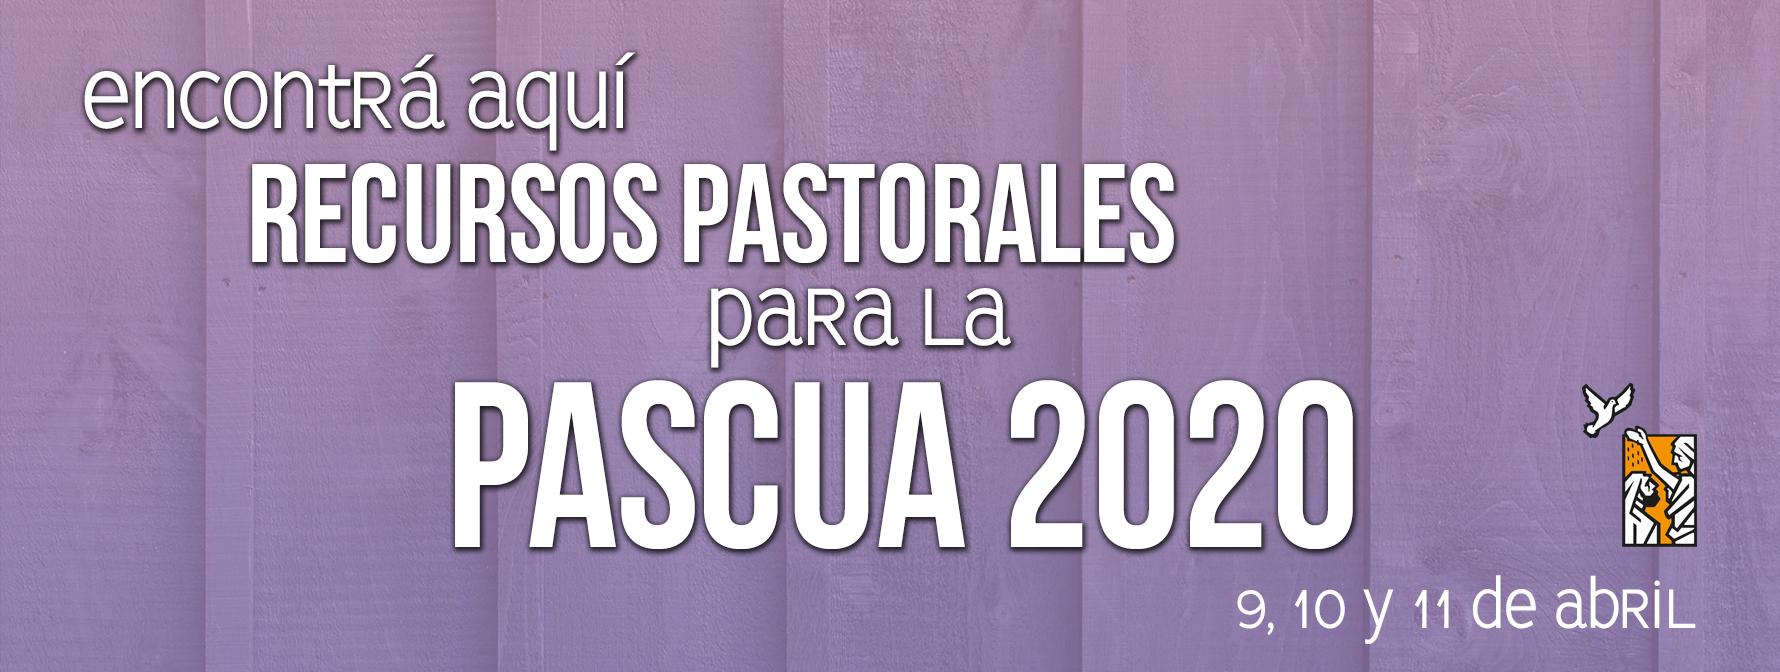 Recursos pastorales para la pascua 2020